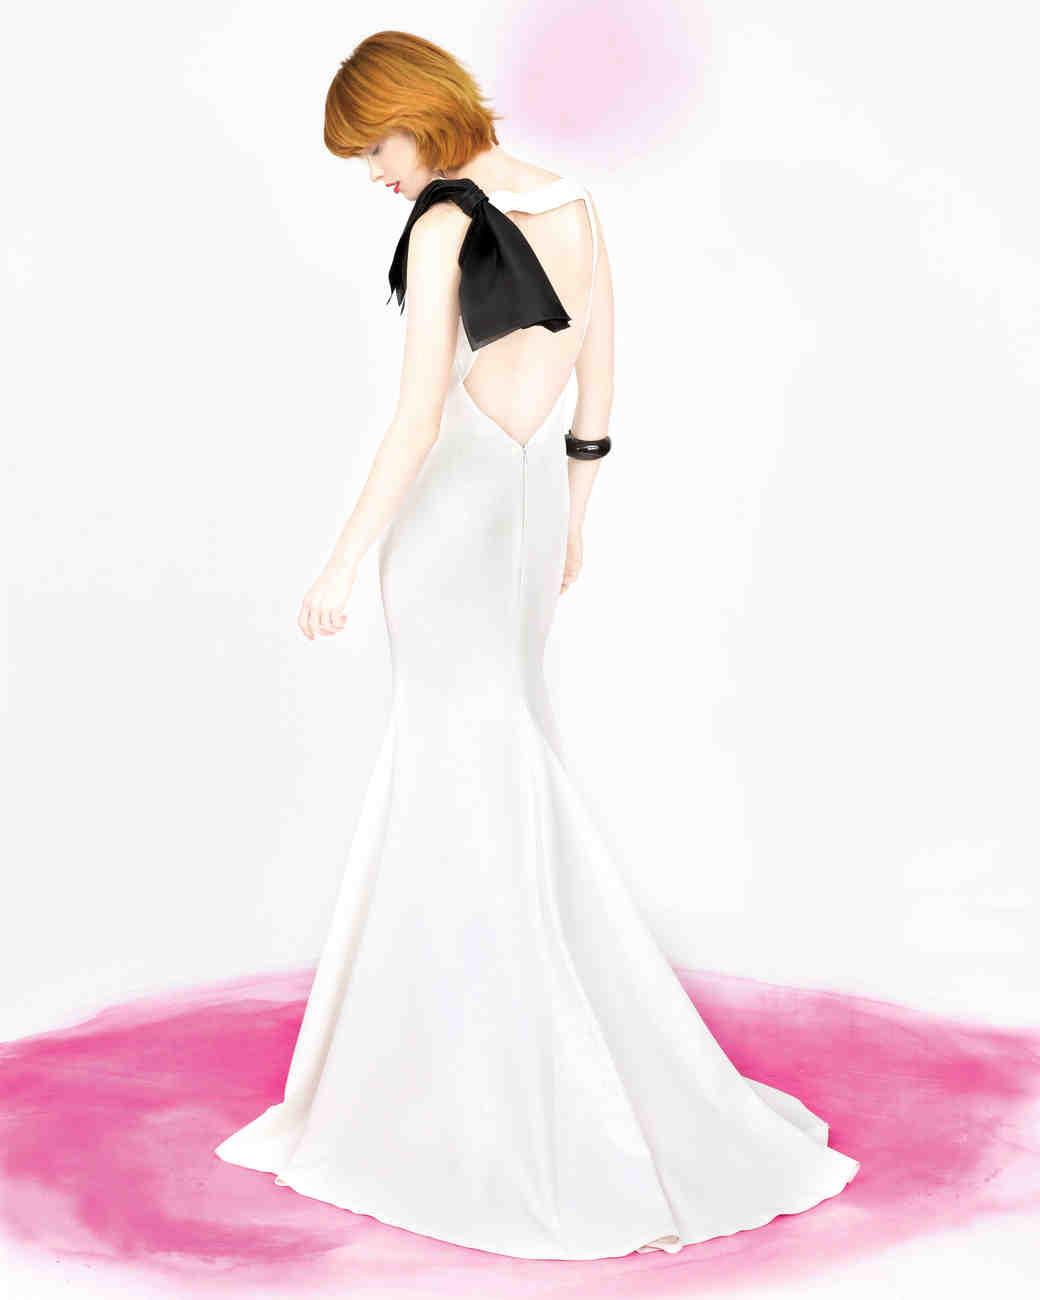 mvera-wang-silk-crepe-micaela-dress-50-d112700.jpg